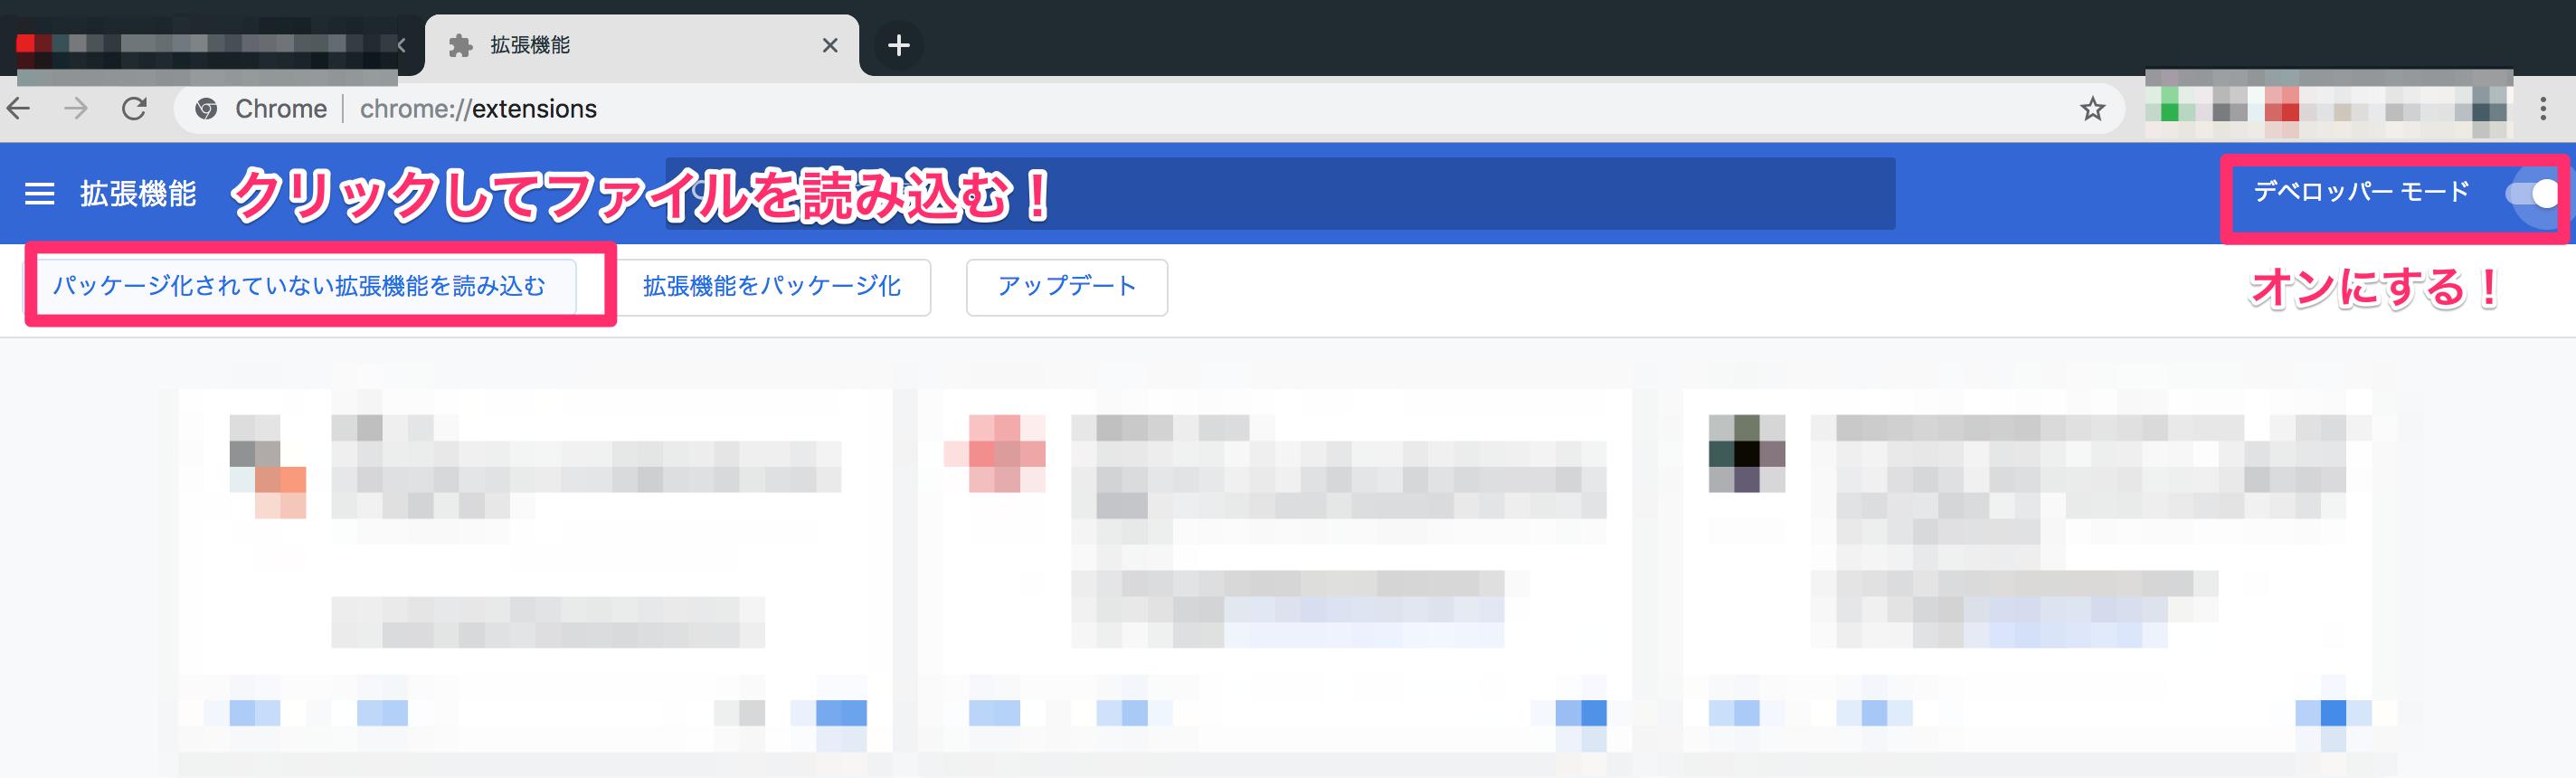 スクリーンショット_2018-12-30_17_12_52.png